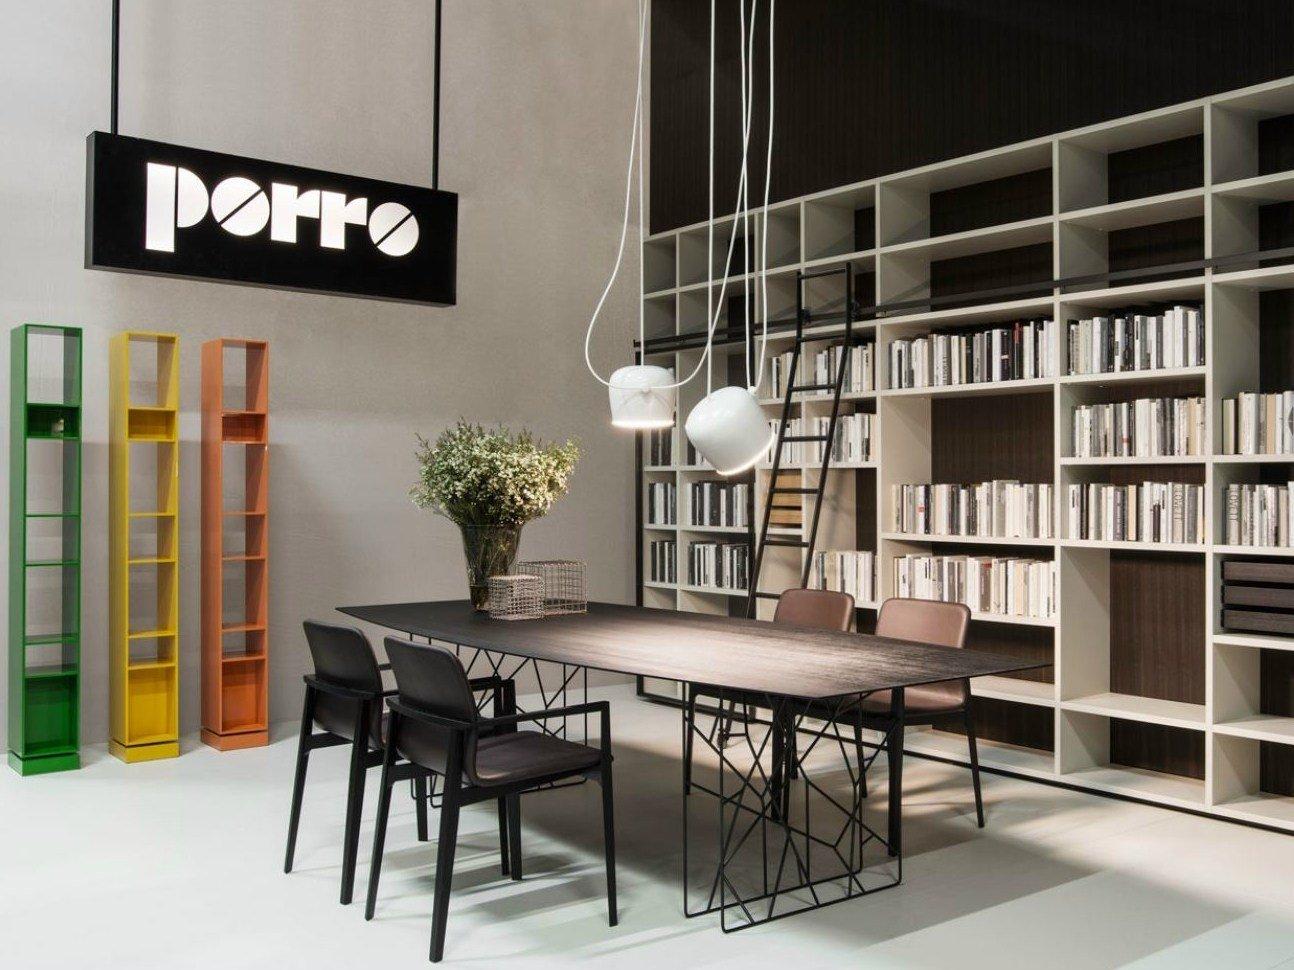 Gallery of arredare ufficio in casa le proposte porro per for Casa tua arredamenti una delusione